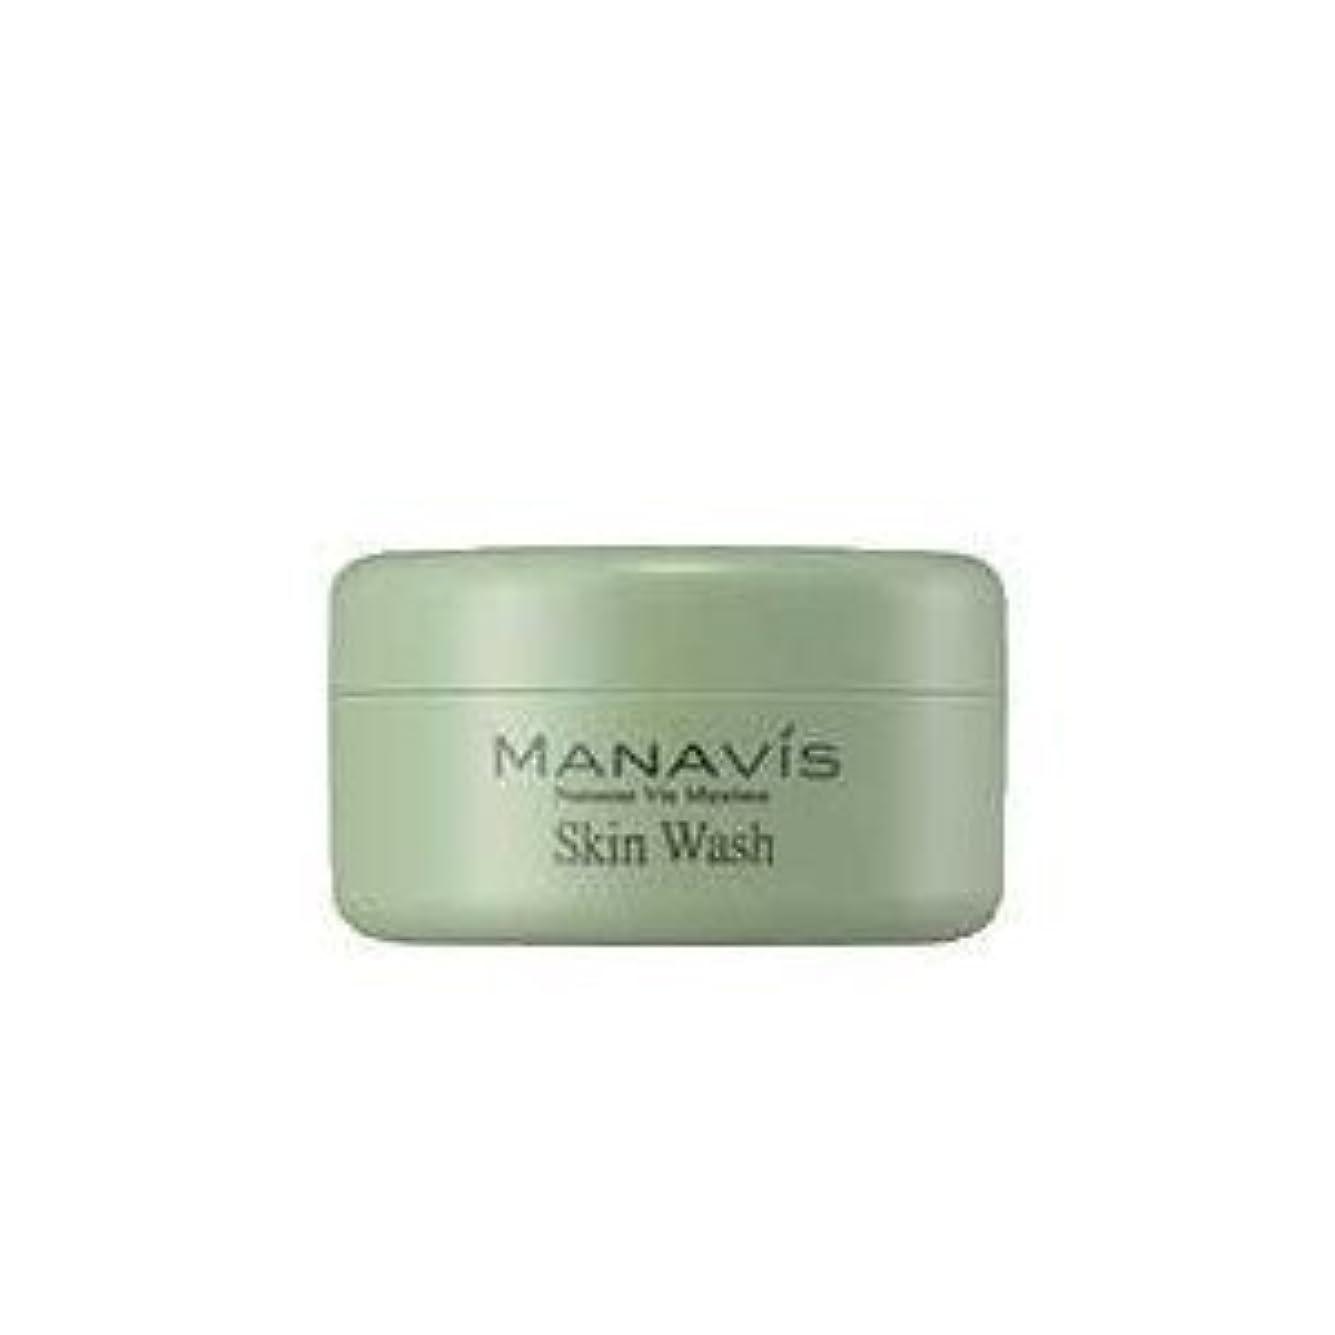 前書き病弱非常にMANAVIS マナビス化粧品 薬用スキンウォッシュ d